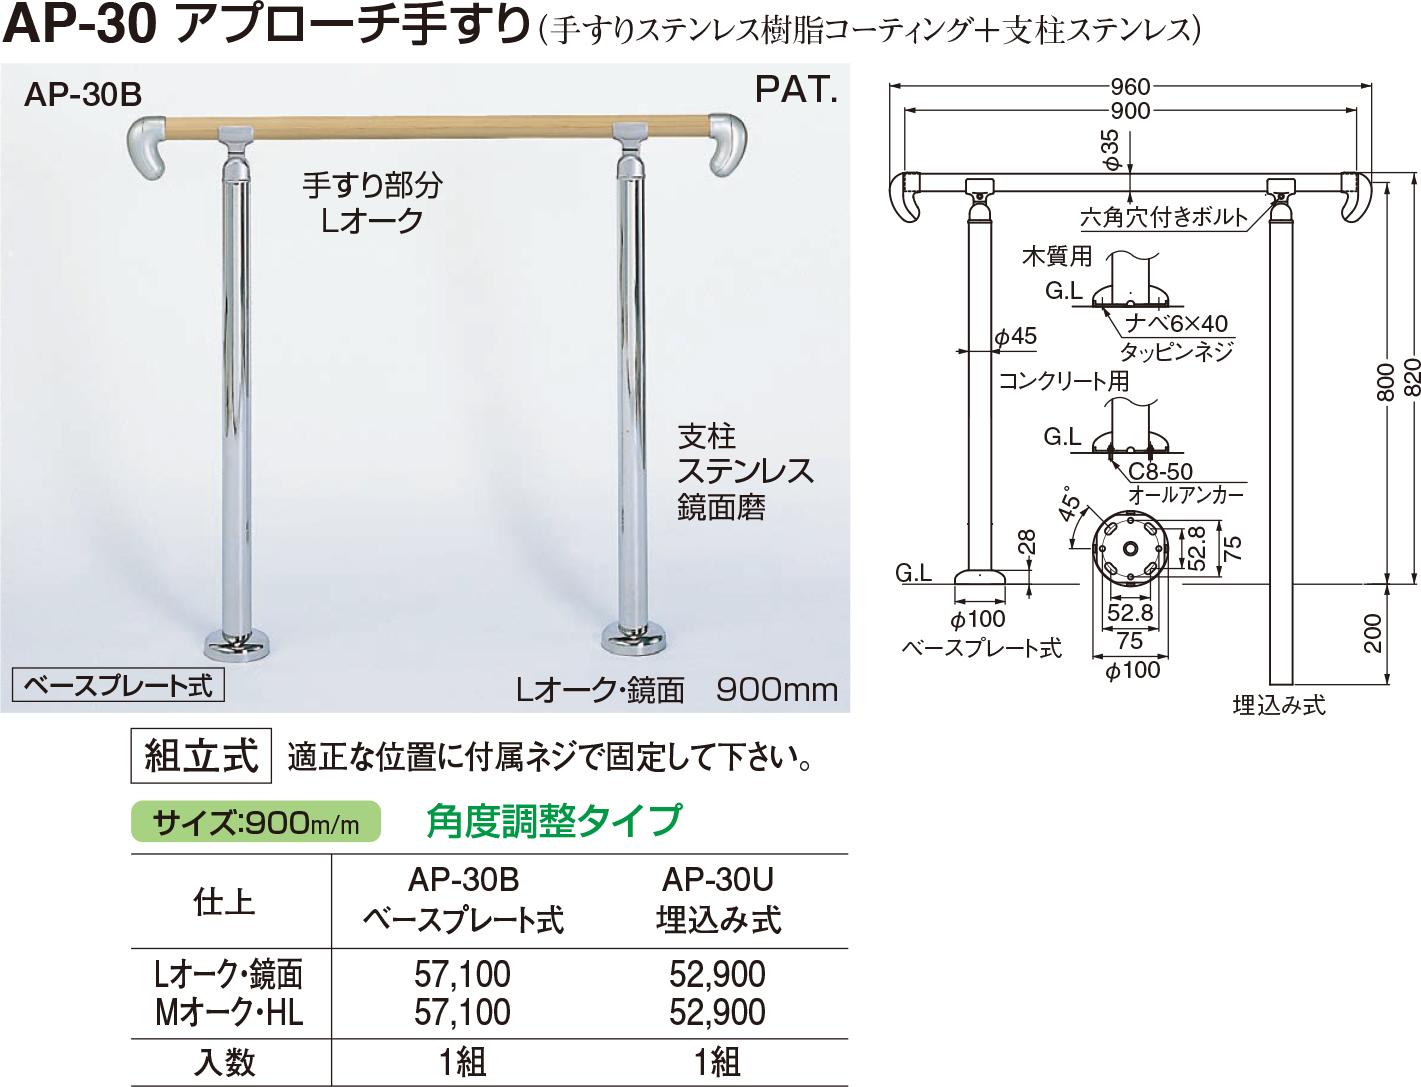 【シロクマ】アプローチ手すり(B) AP-30B ライトオーク・鏡面